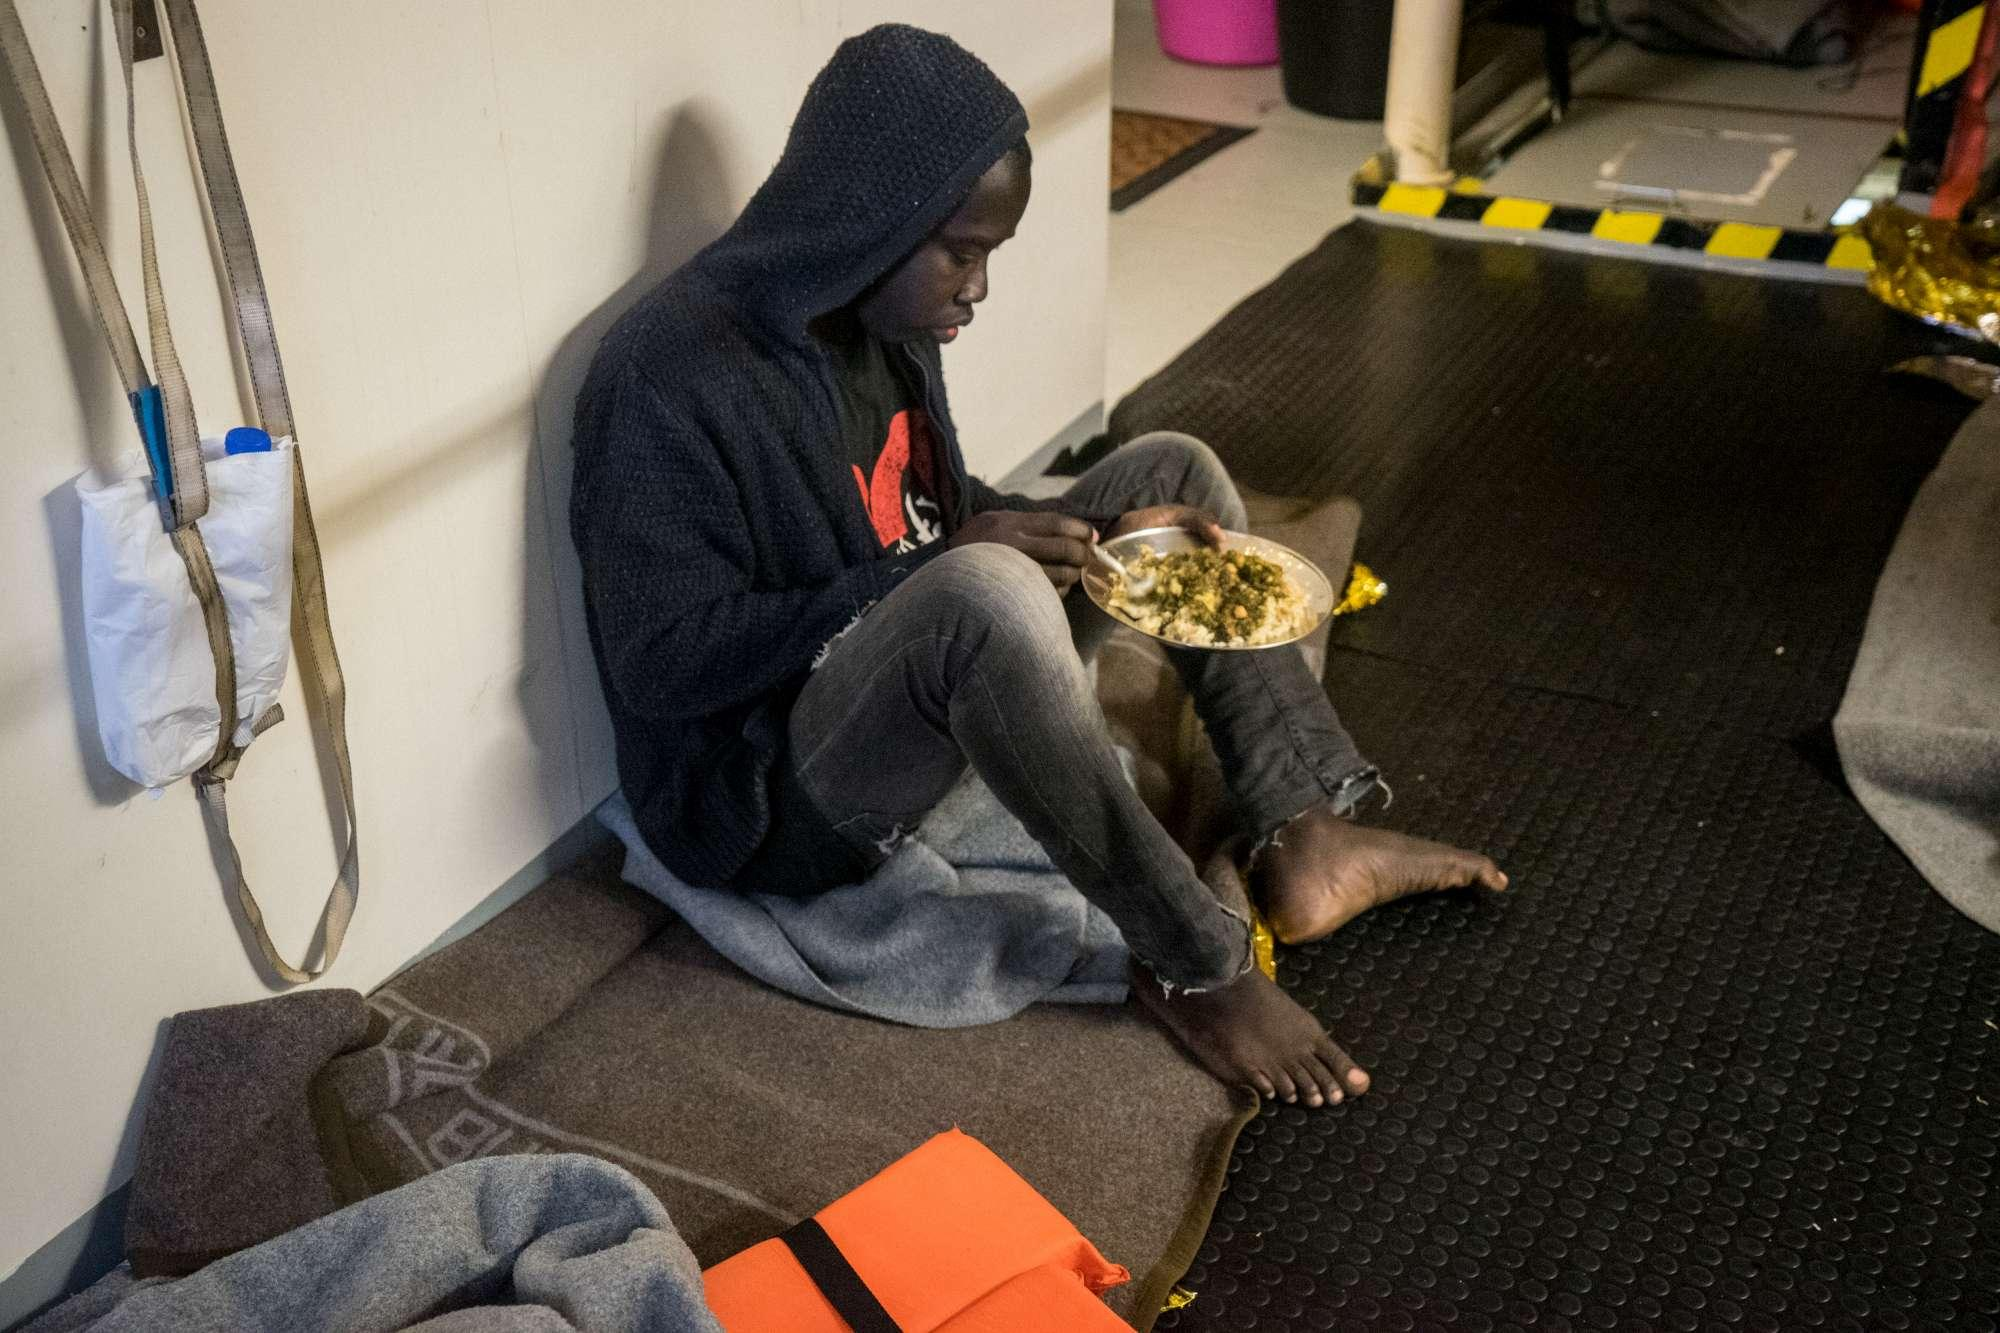 Le immagini dei migranti a bordo della Sea Watch